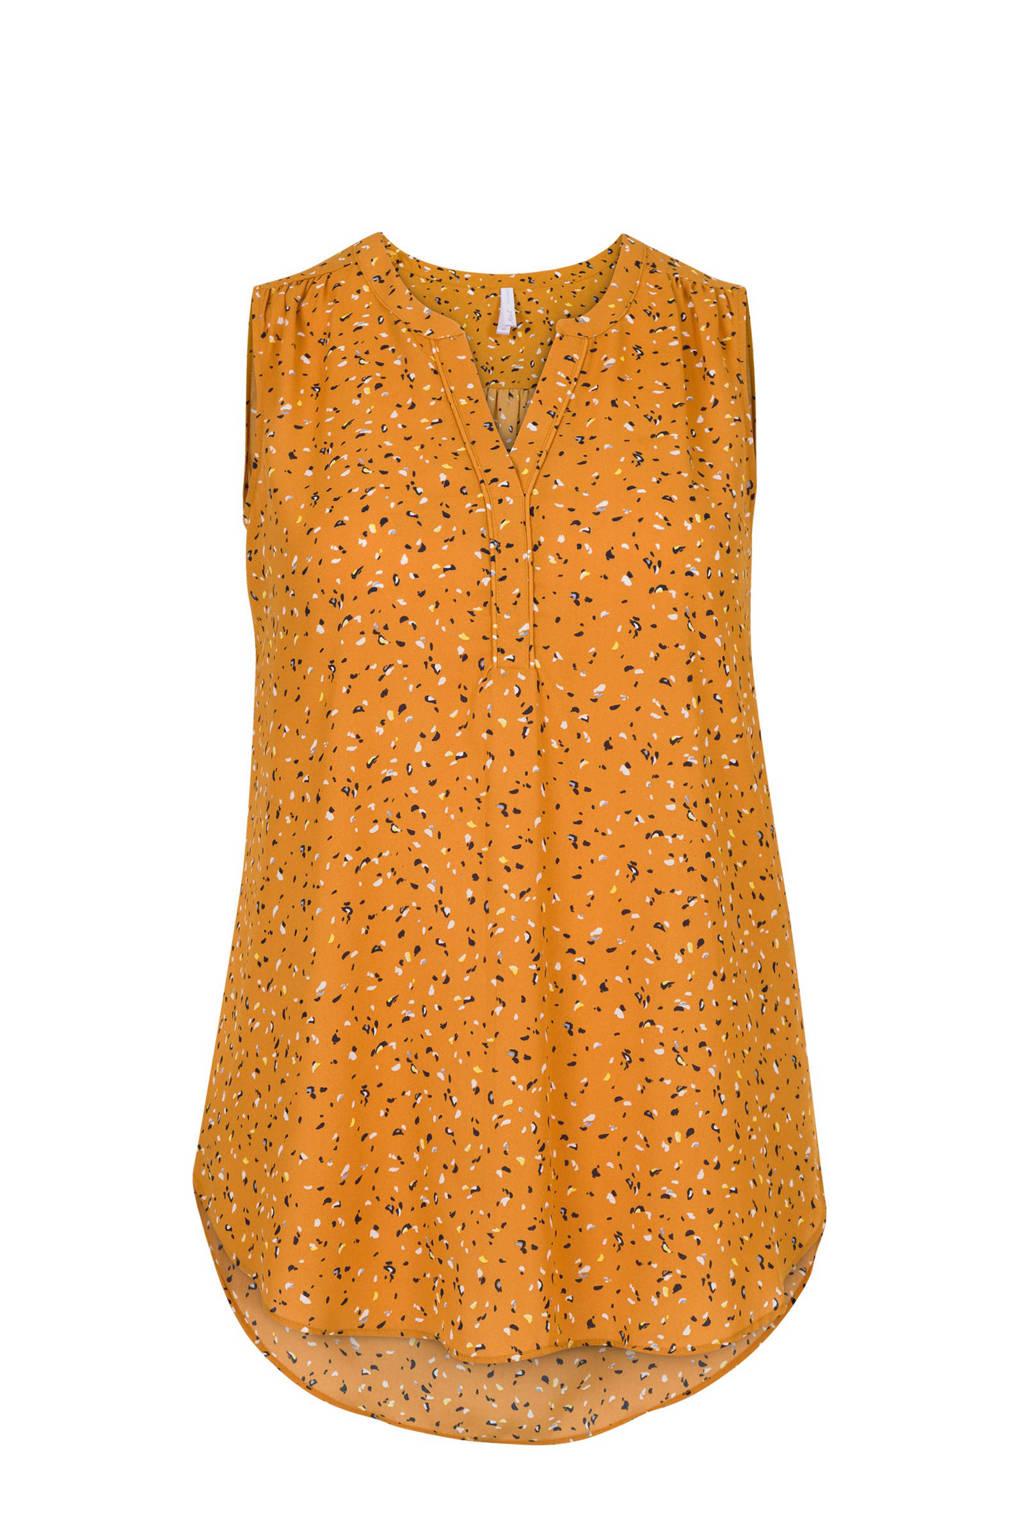 Miss Etam Plus top met all over print oranje, Oranje